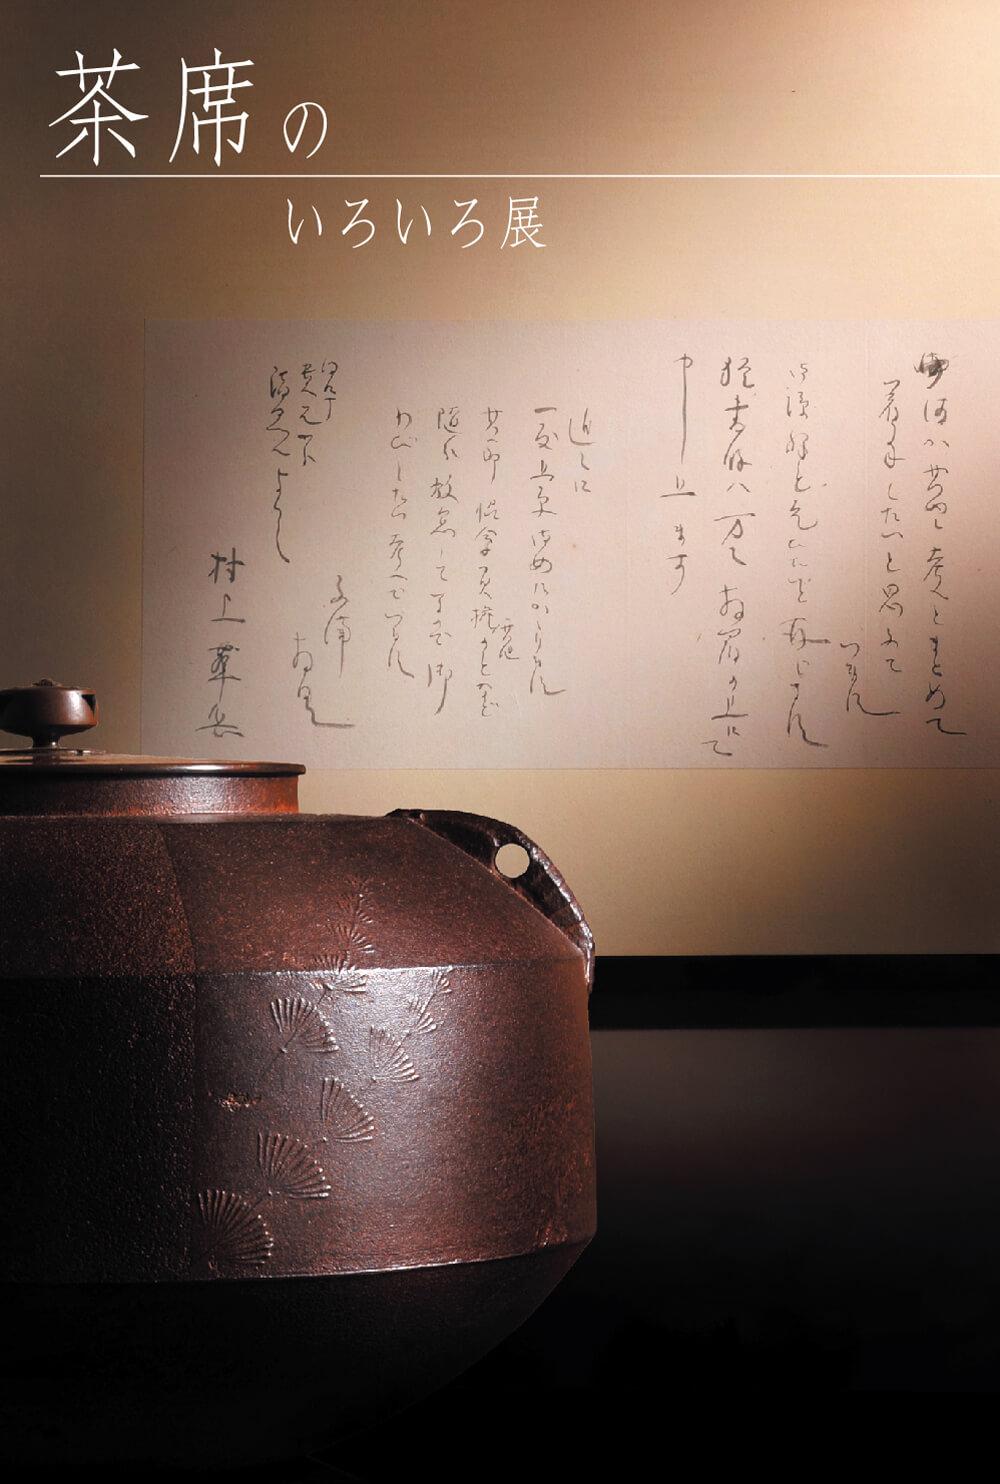 2010年4月22日から開催の「茶席のいろいろ 展」のDMの画像